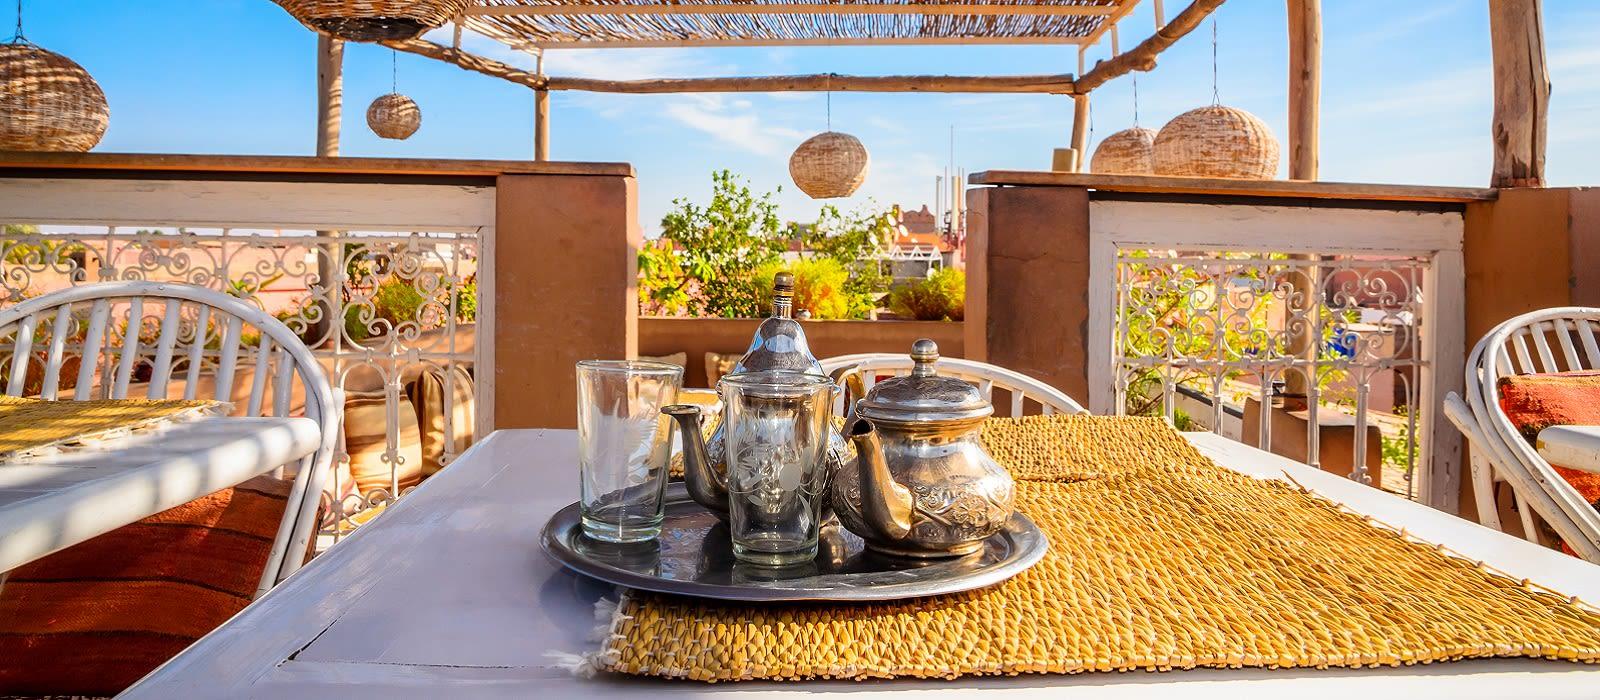 Marokko: Königliche Städte & Schätze des Südens Urlaub 6